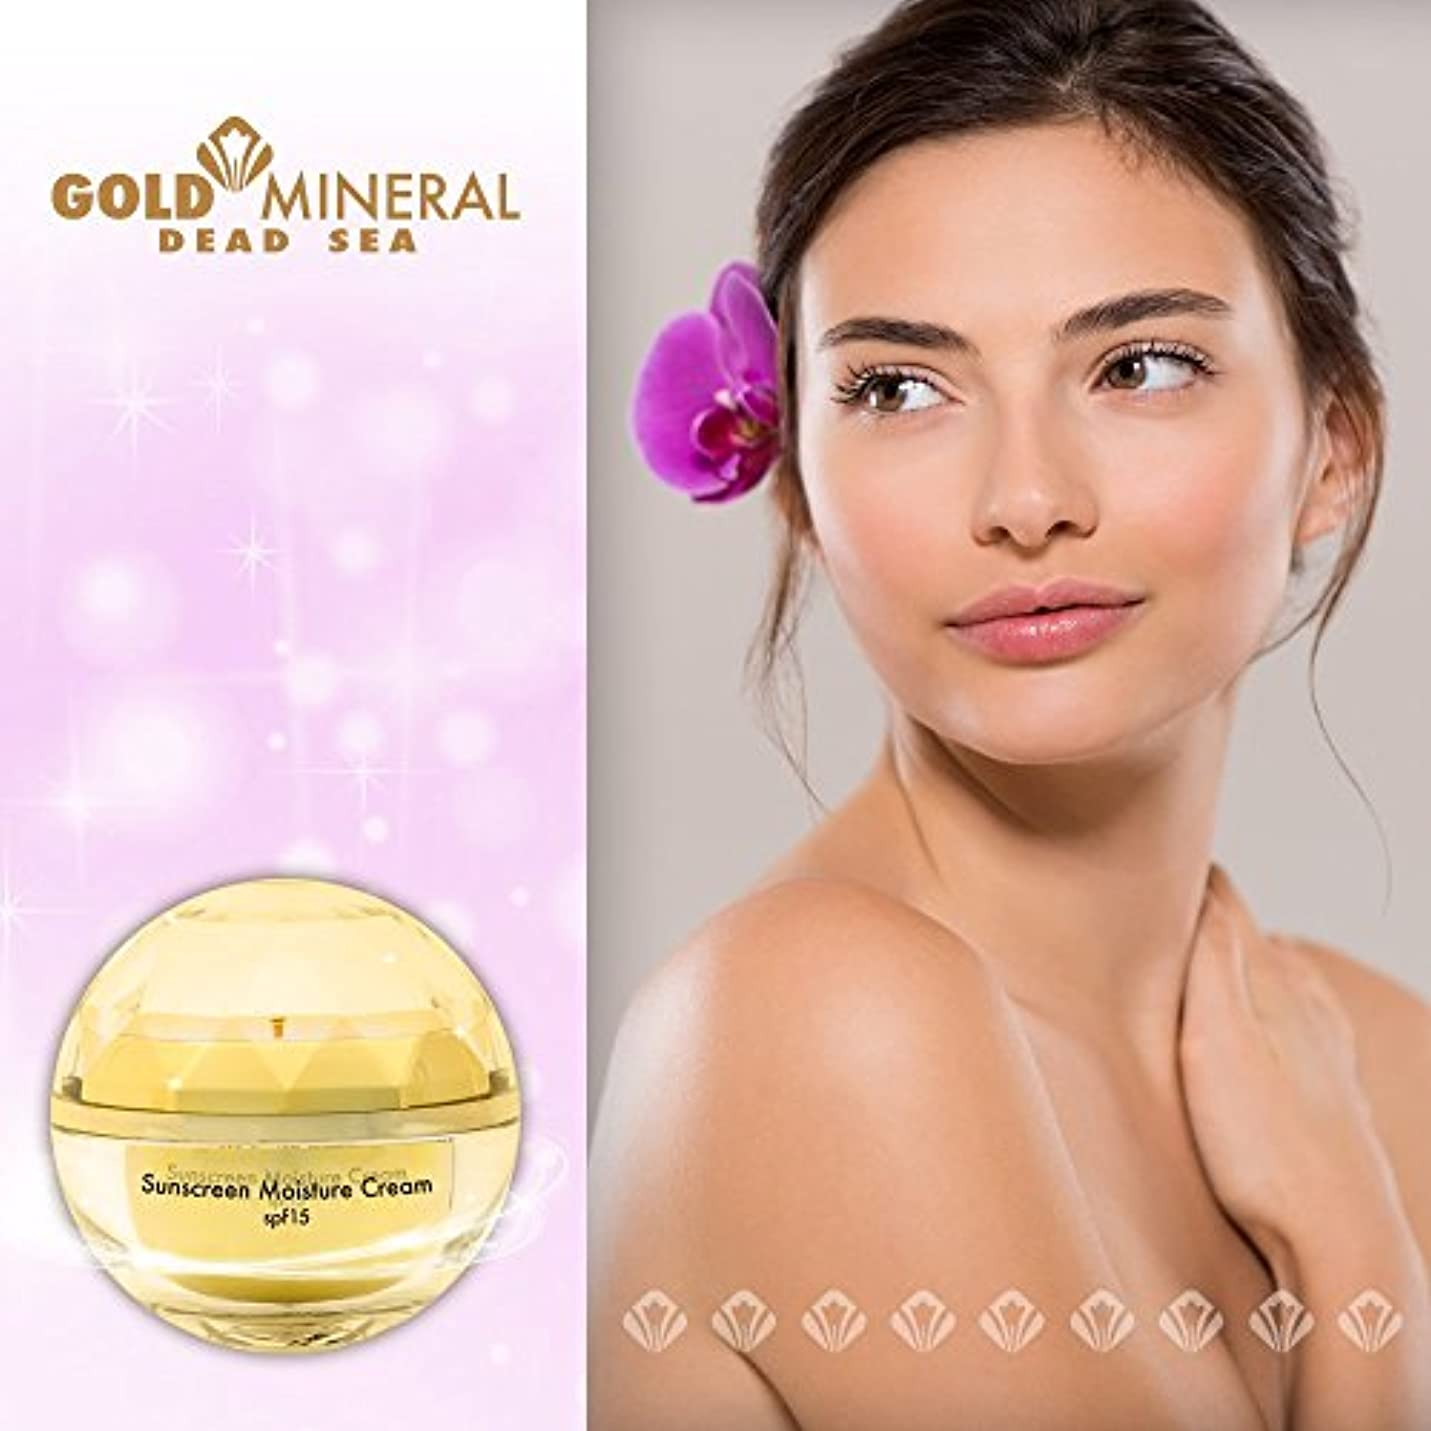 関係する地中海知らせる日焼け止め保湿クリーム SPF 15 Sunscreen Moisture Cream